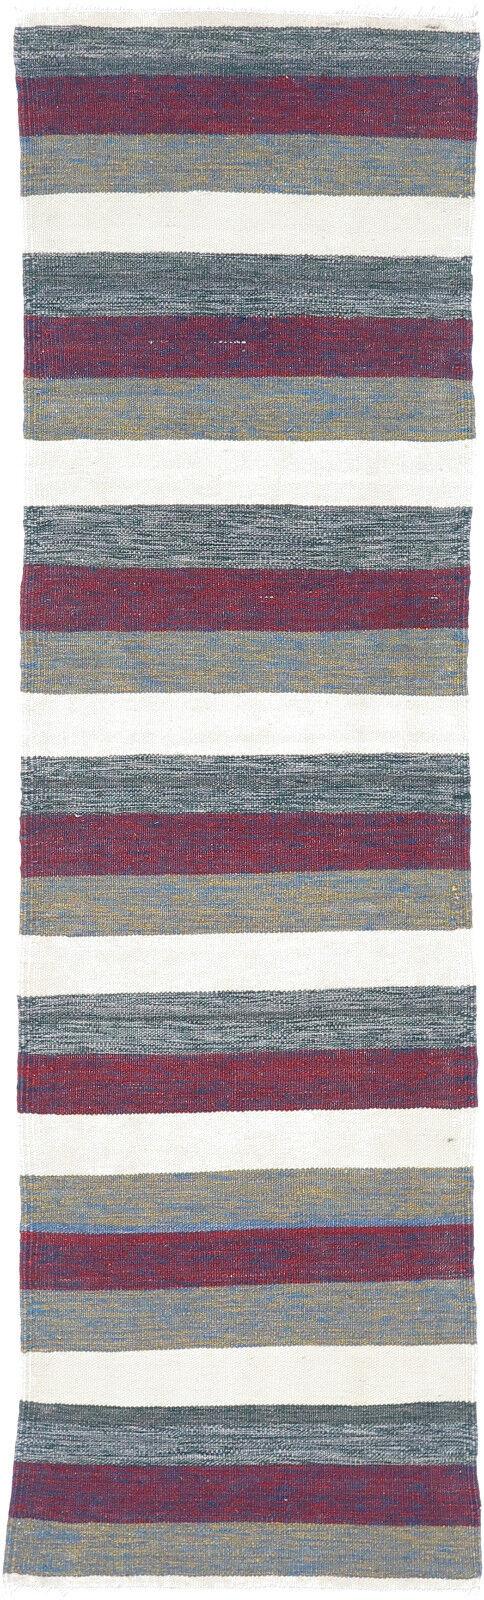 Kilim Kilim alfombra Orient alfombra Rug Carpet tapis tapijt tappeto alfombra Nomad